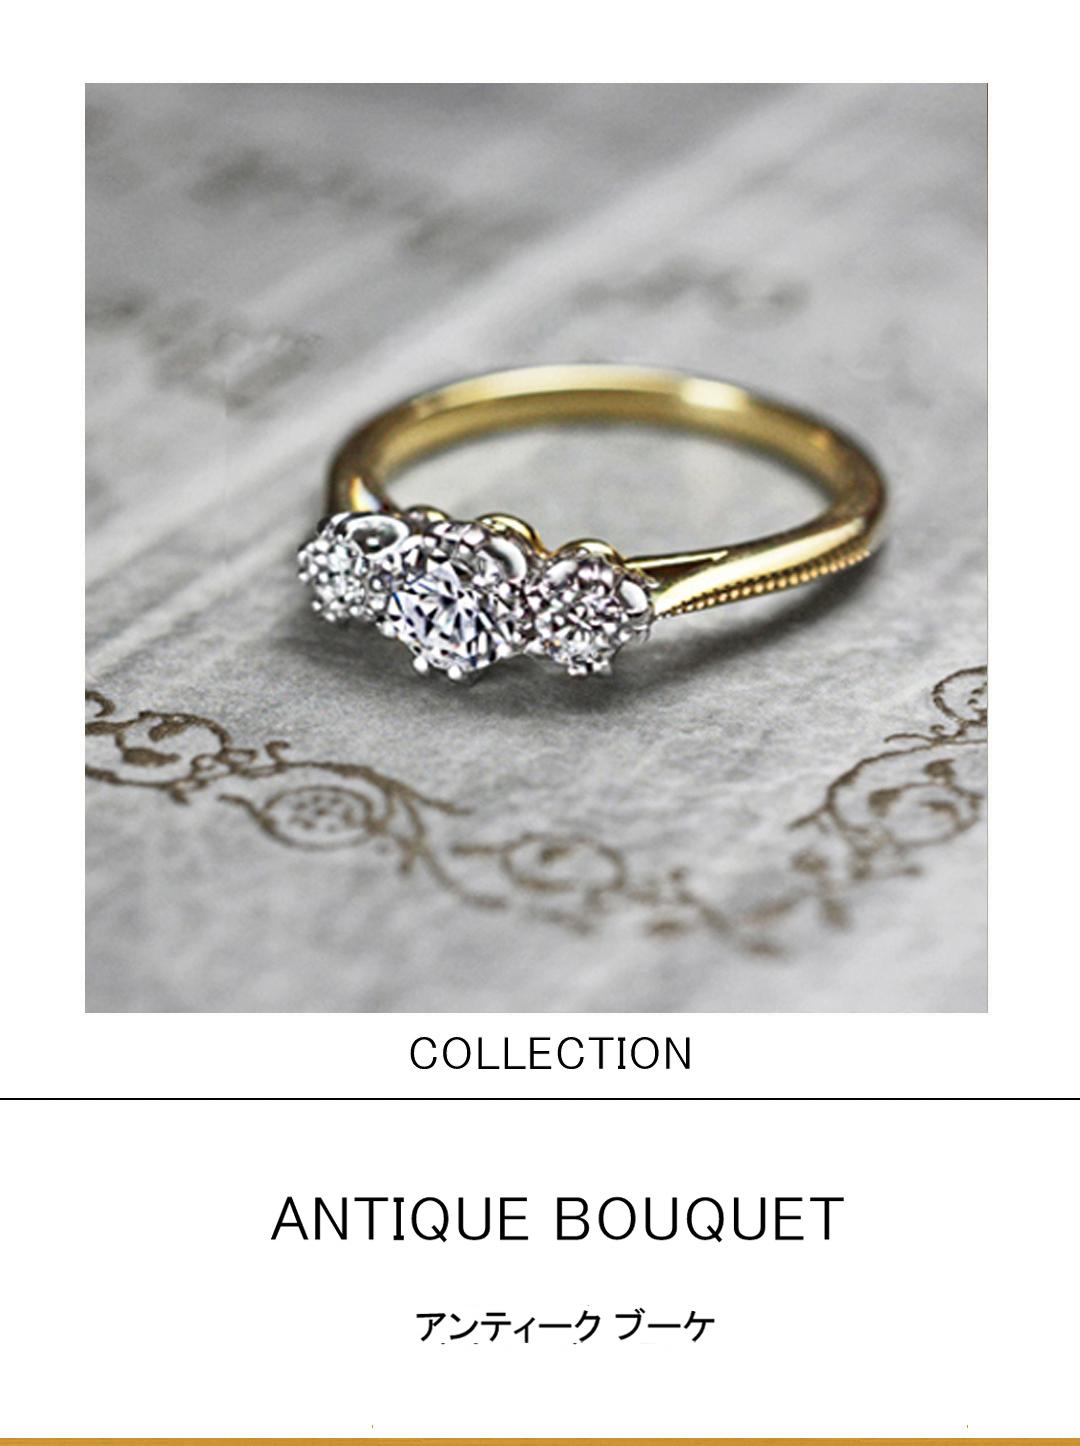 3つのダイヤがブーケの様に並ぶゴールドのアンティークな婚約指輪のサムネイル